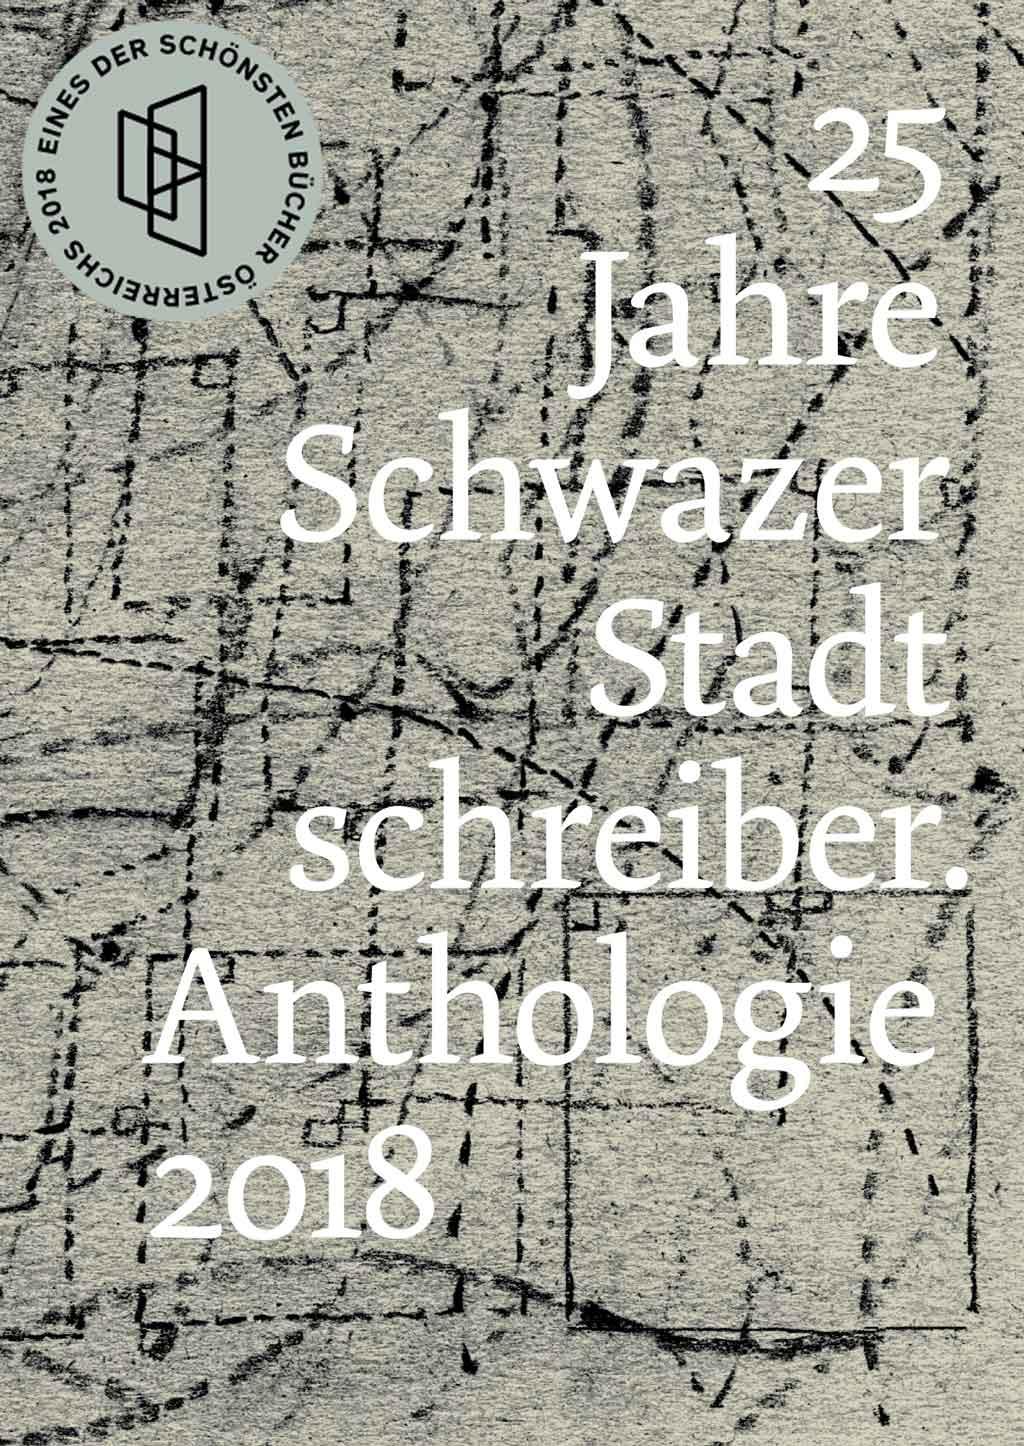 16.11. und 17.11.201825 Jahre Schwazer Stadtschreiber:Anthologie-Präsentation und Lesefest